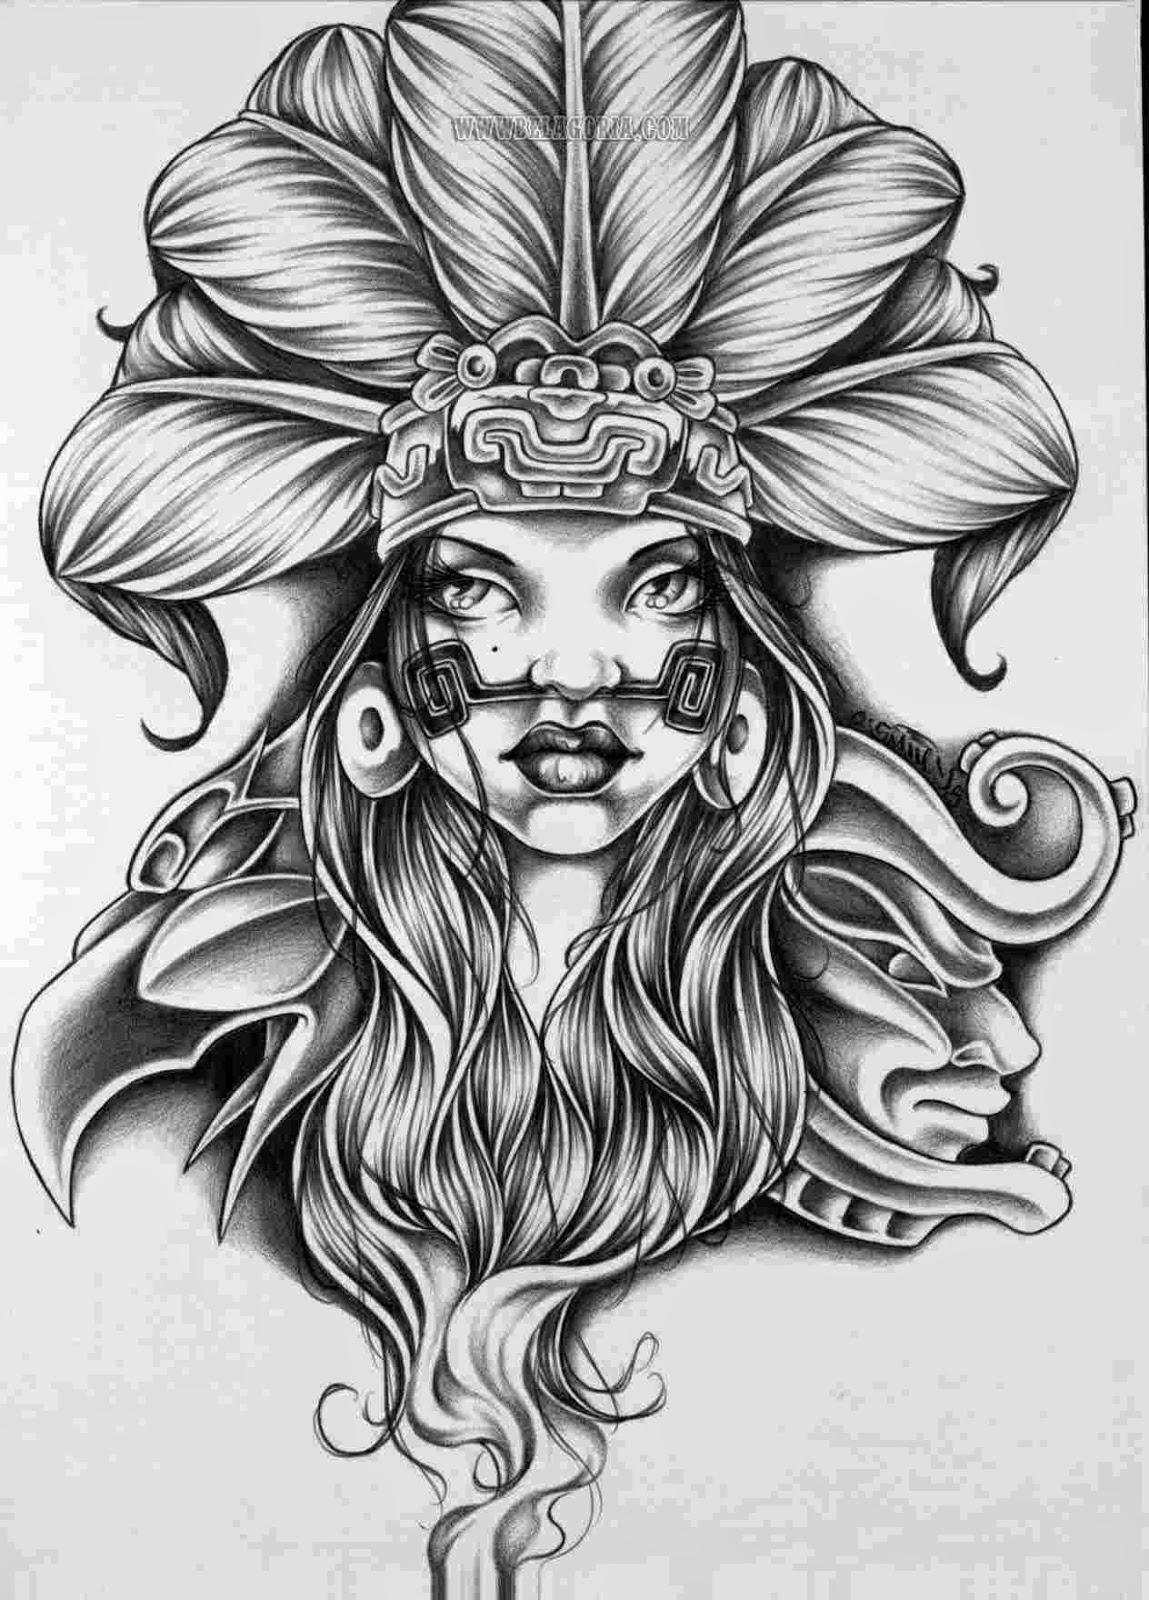 Diseños Aztecas Exclusivos 2 Belagoria La Web De Los Tatuajes